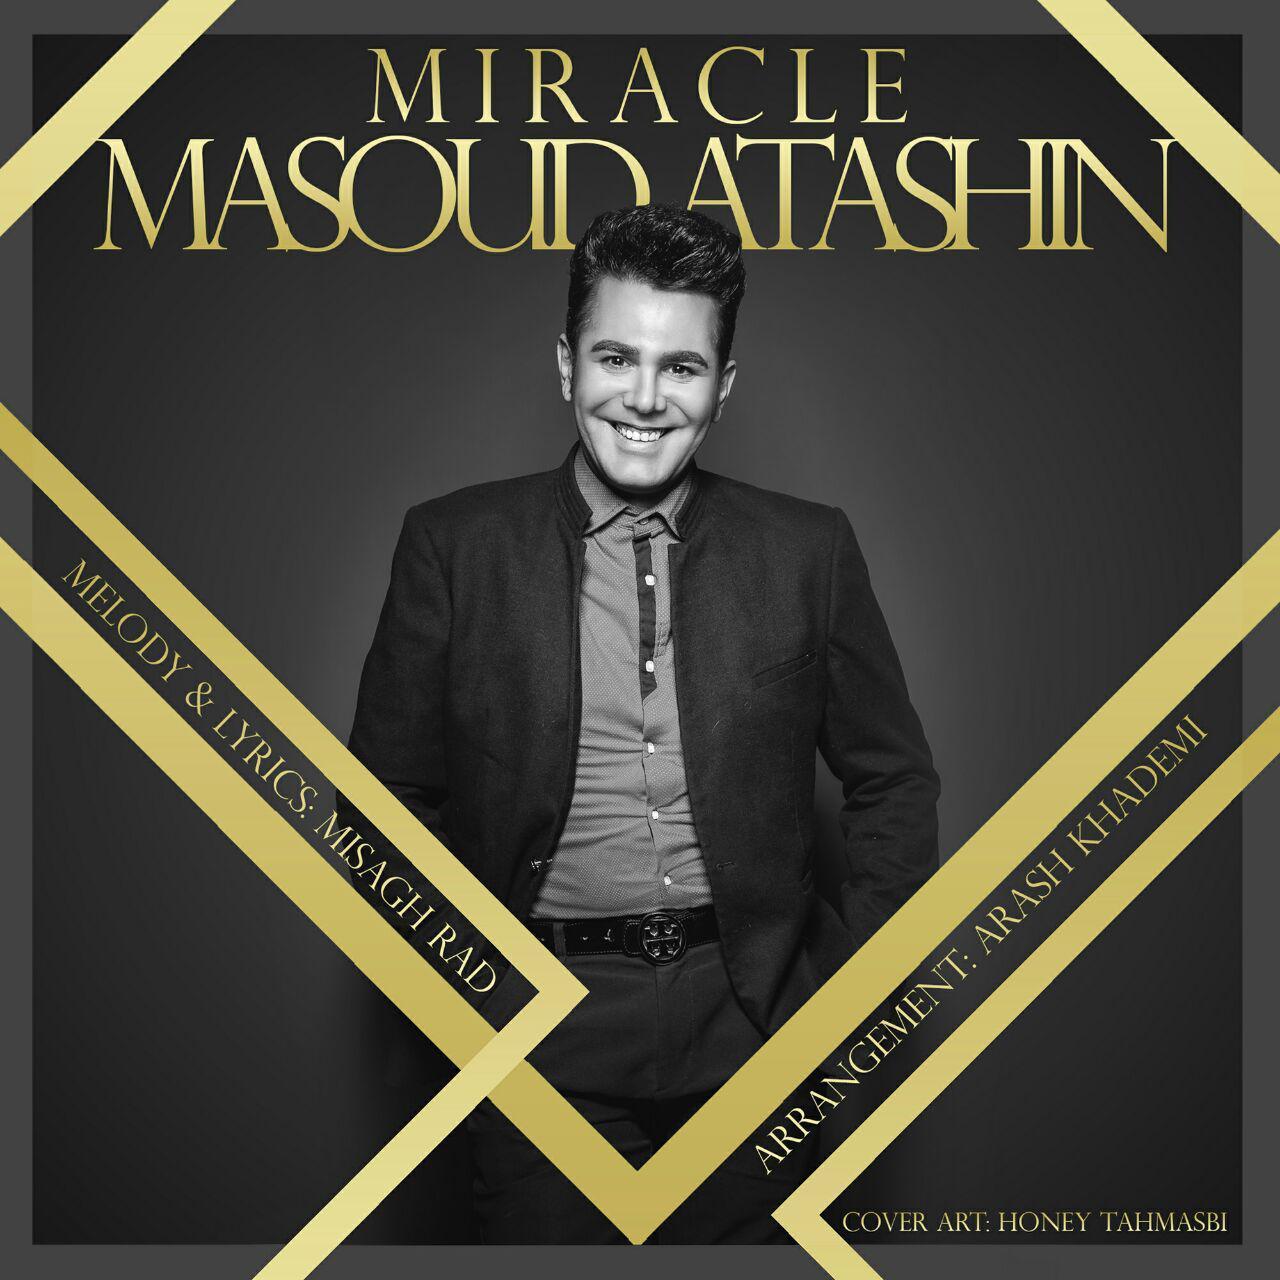 دانلود آهنگ جدید مسعود آتشین بنام معجزه